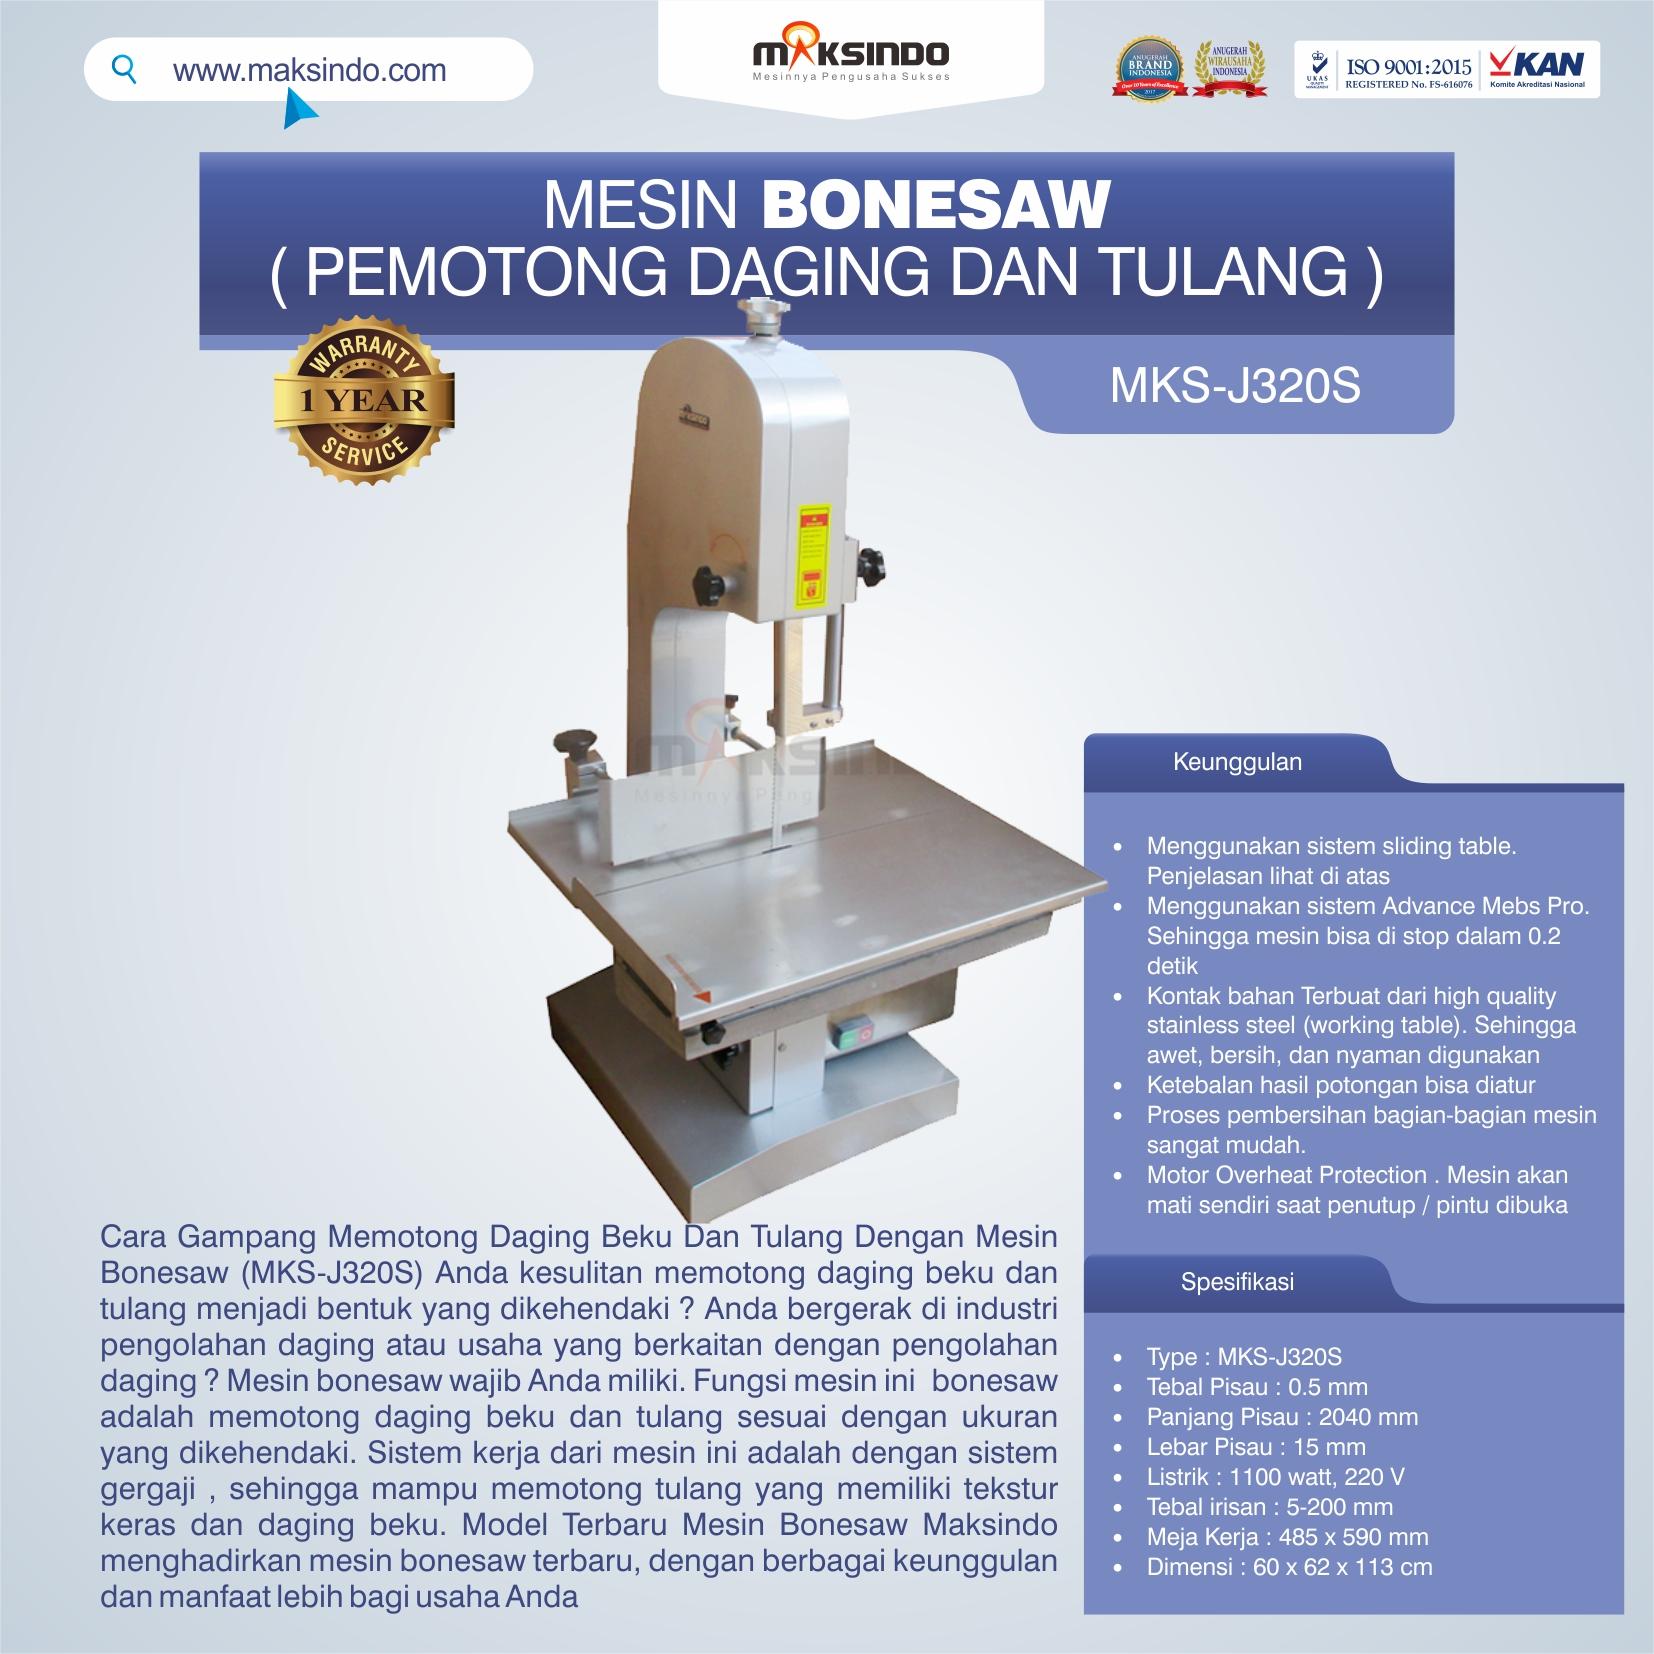 Jual Mesin Bonesaw MKS-J320S (pemotong daging dan tulang) di Yogyakarta